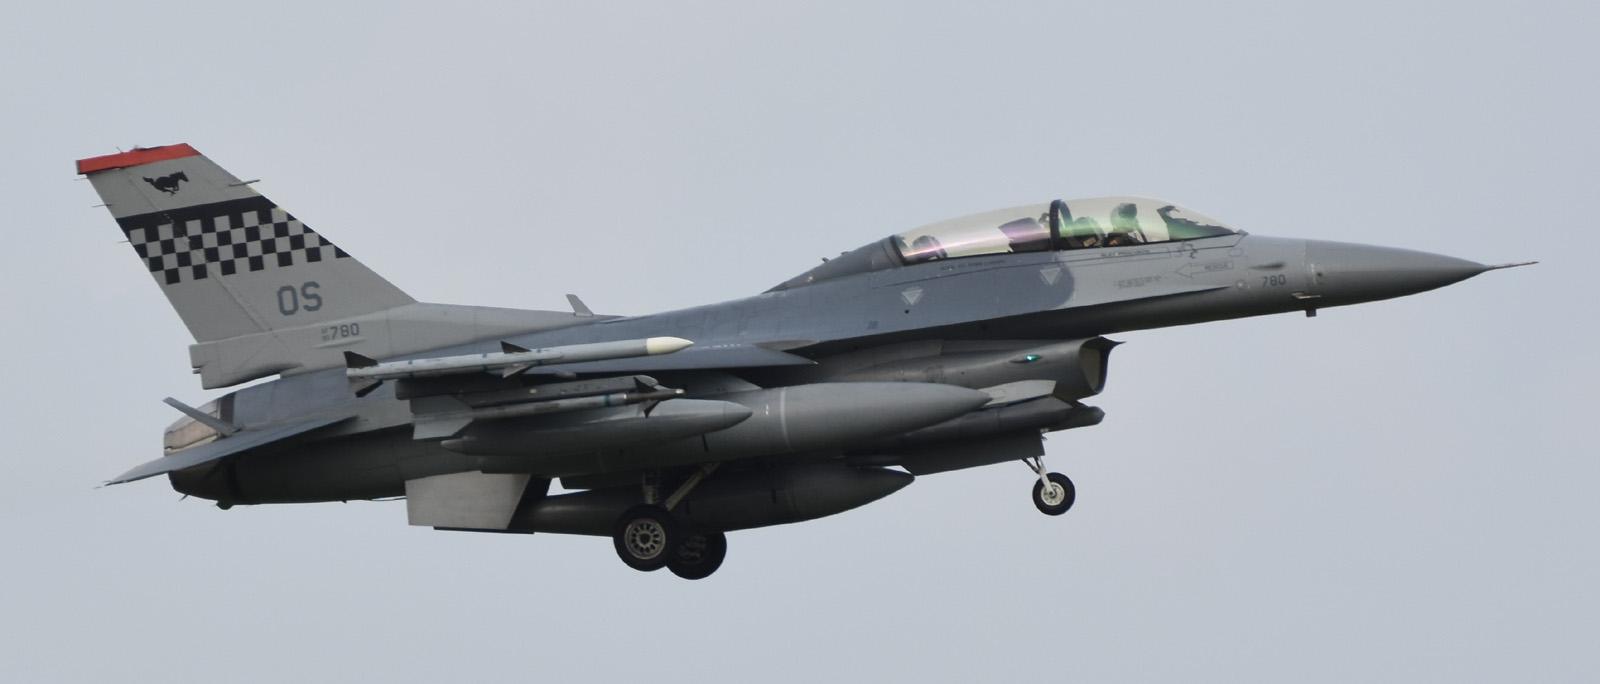 F16cm170601g743